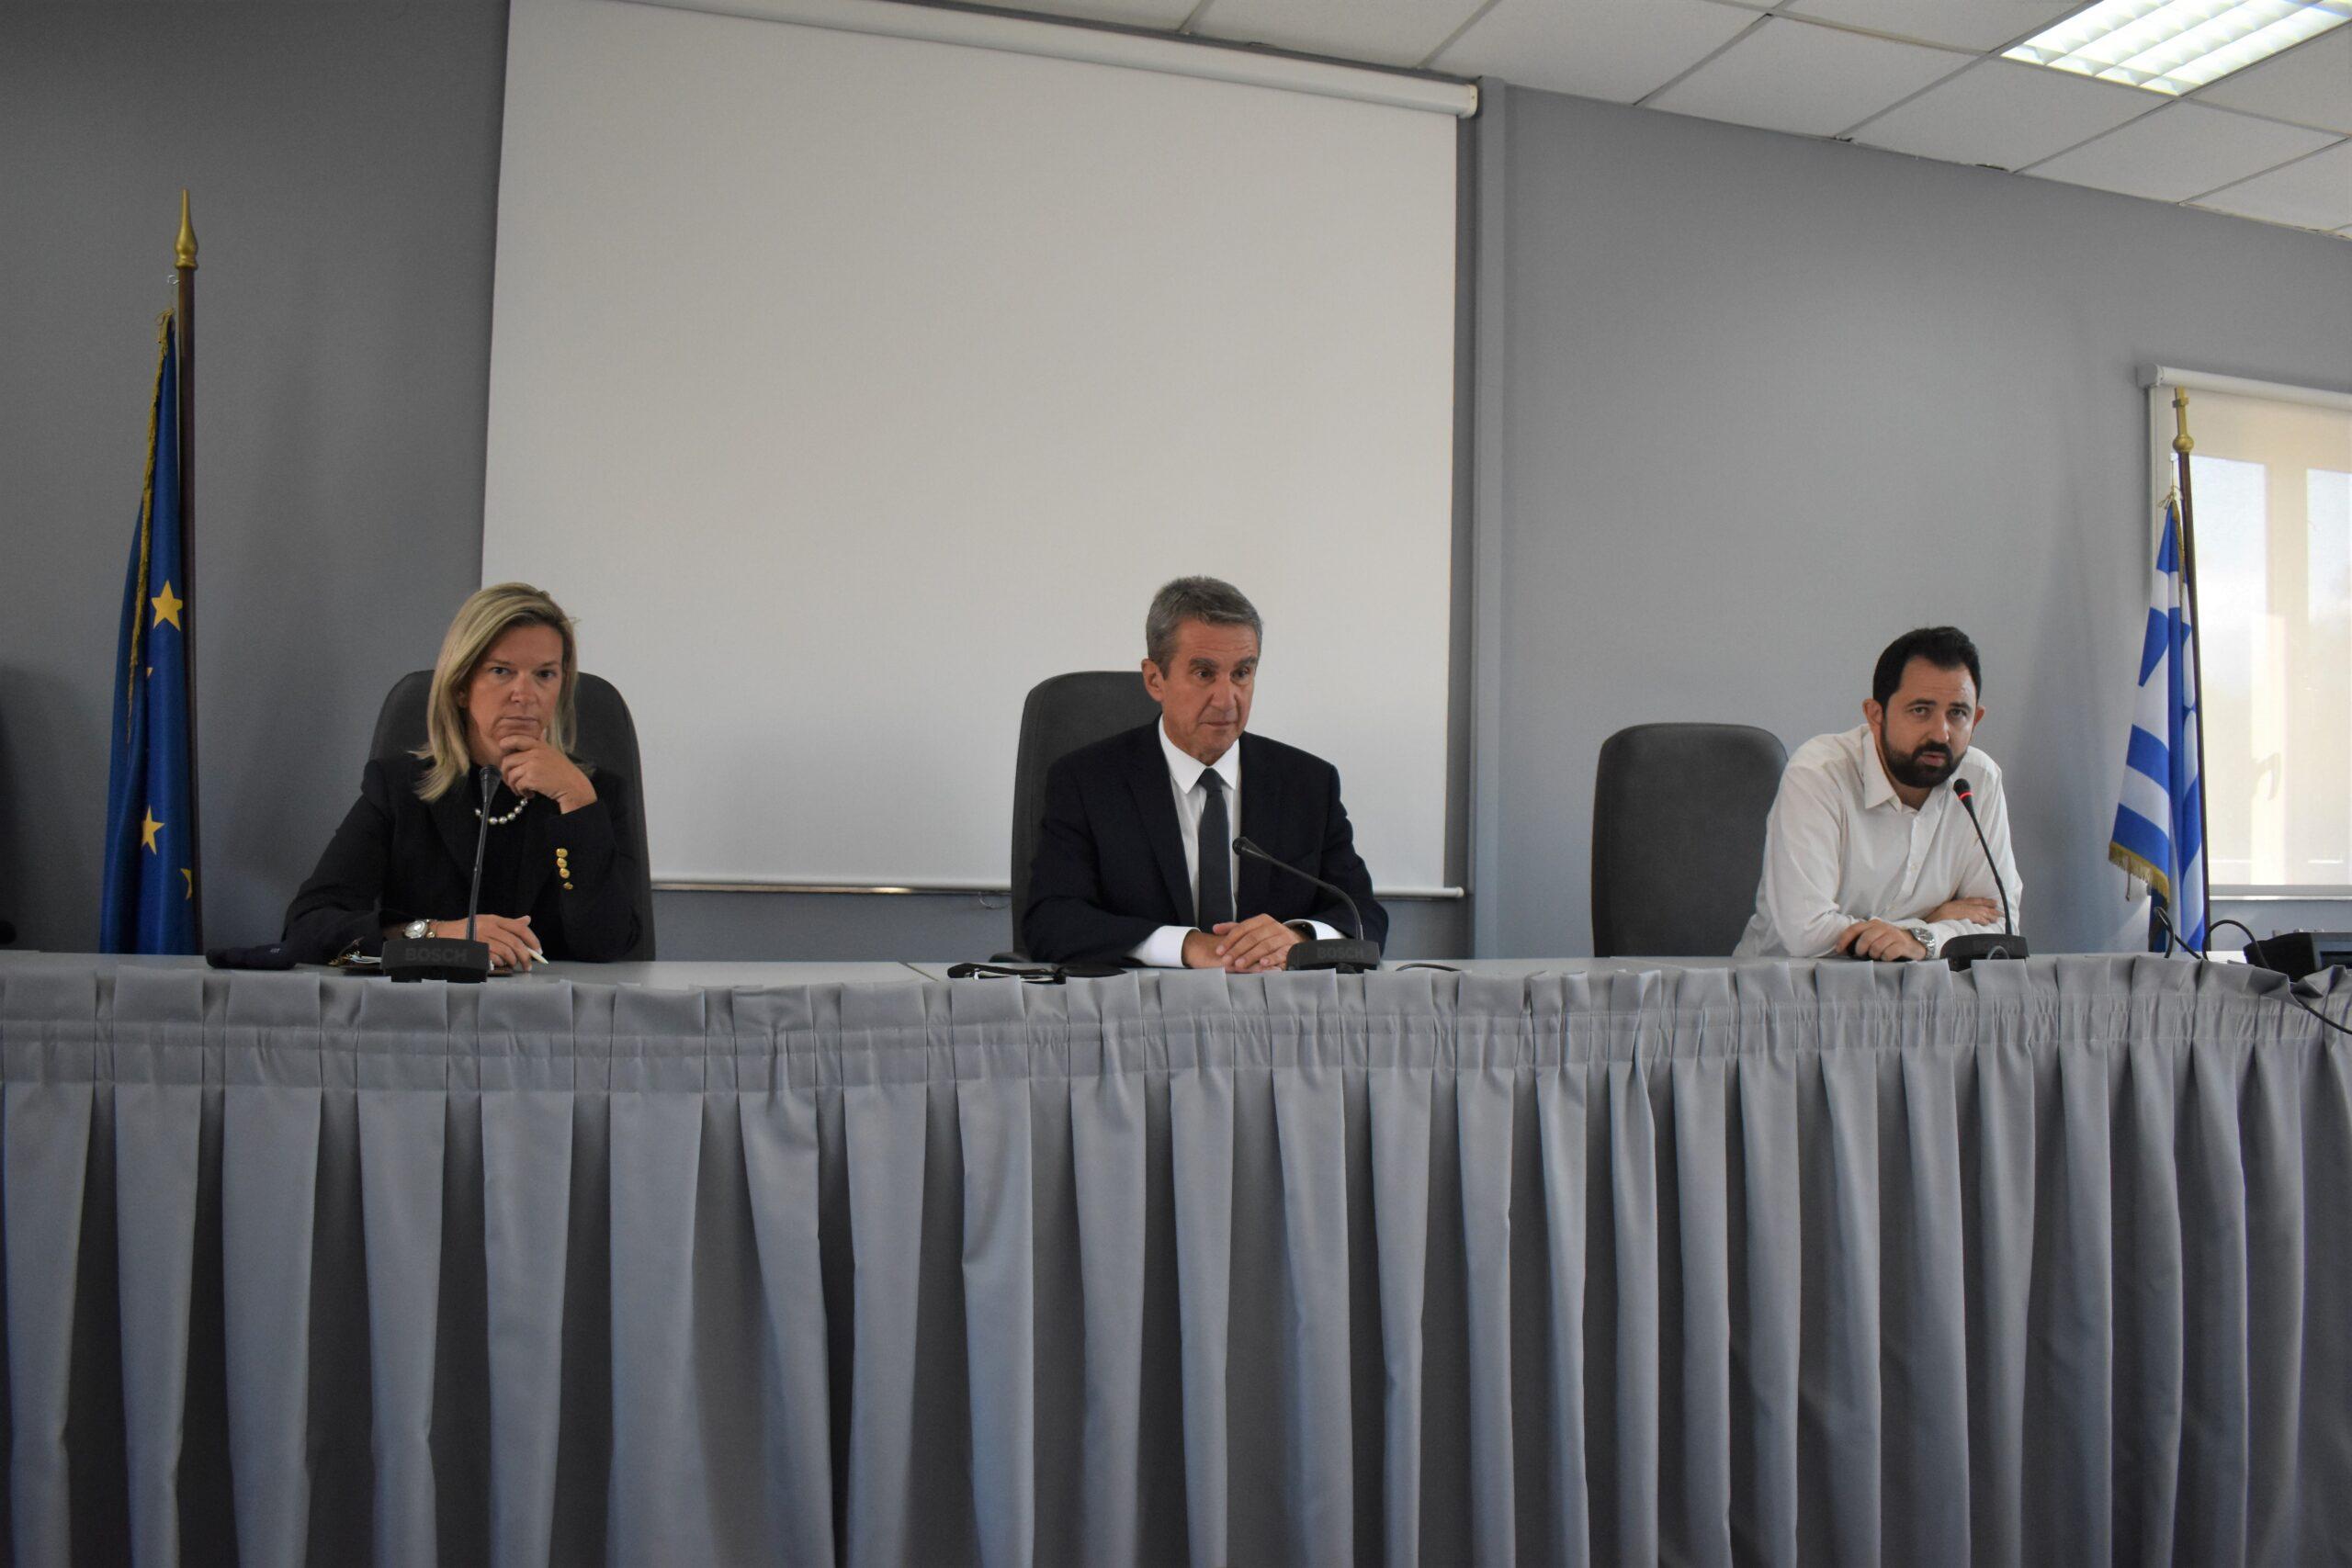 Ο Ανδρέας Λοβέρδος μιλά για την υποψηφιότητα του σε συνέντευξη του στο Αργοστόλι [εικόνες]